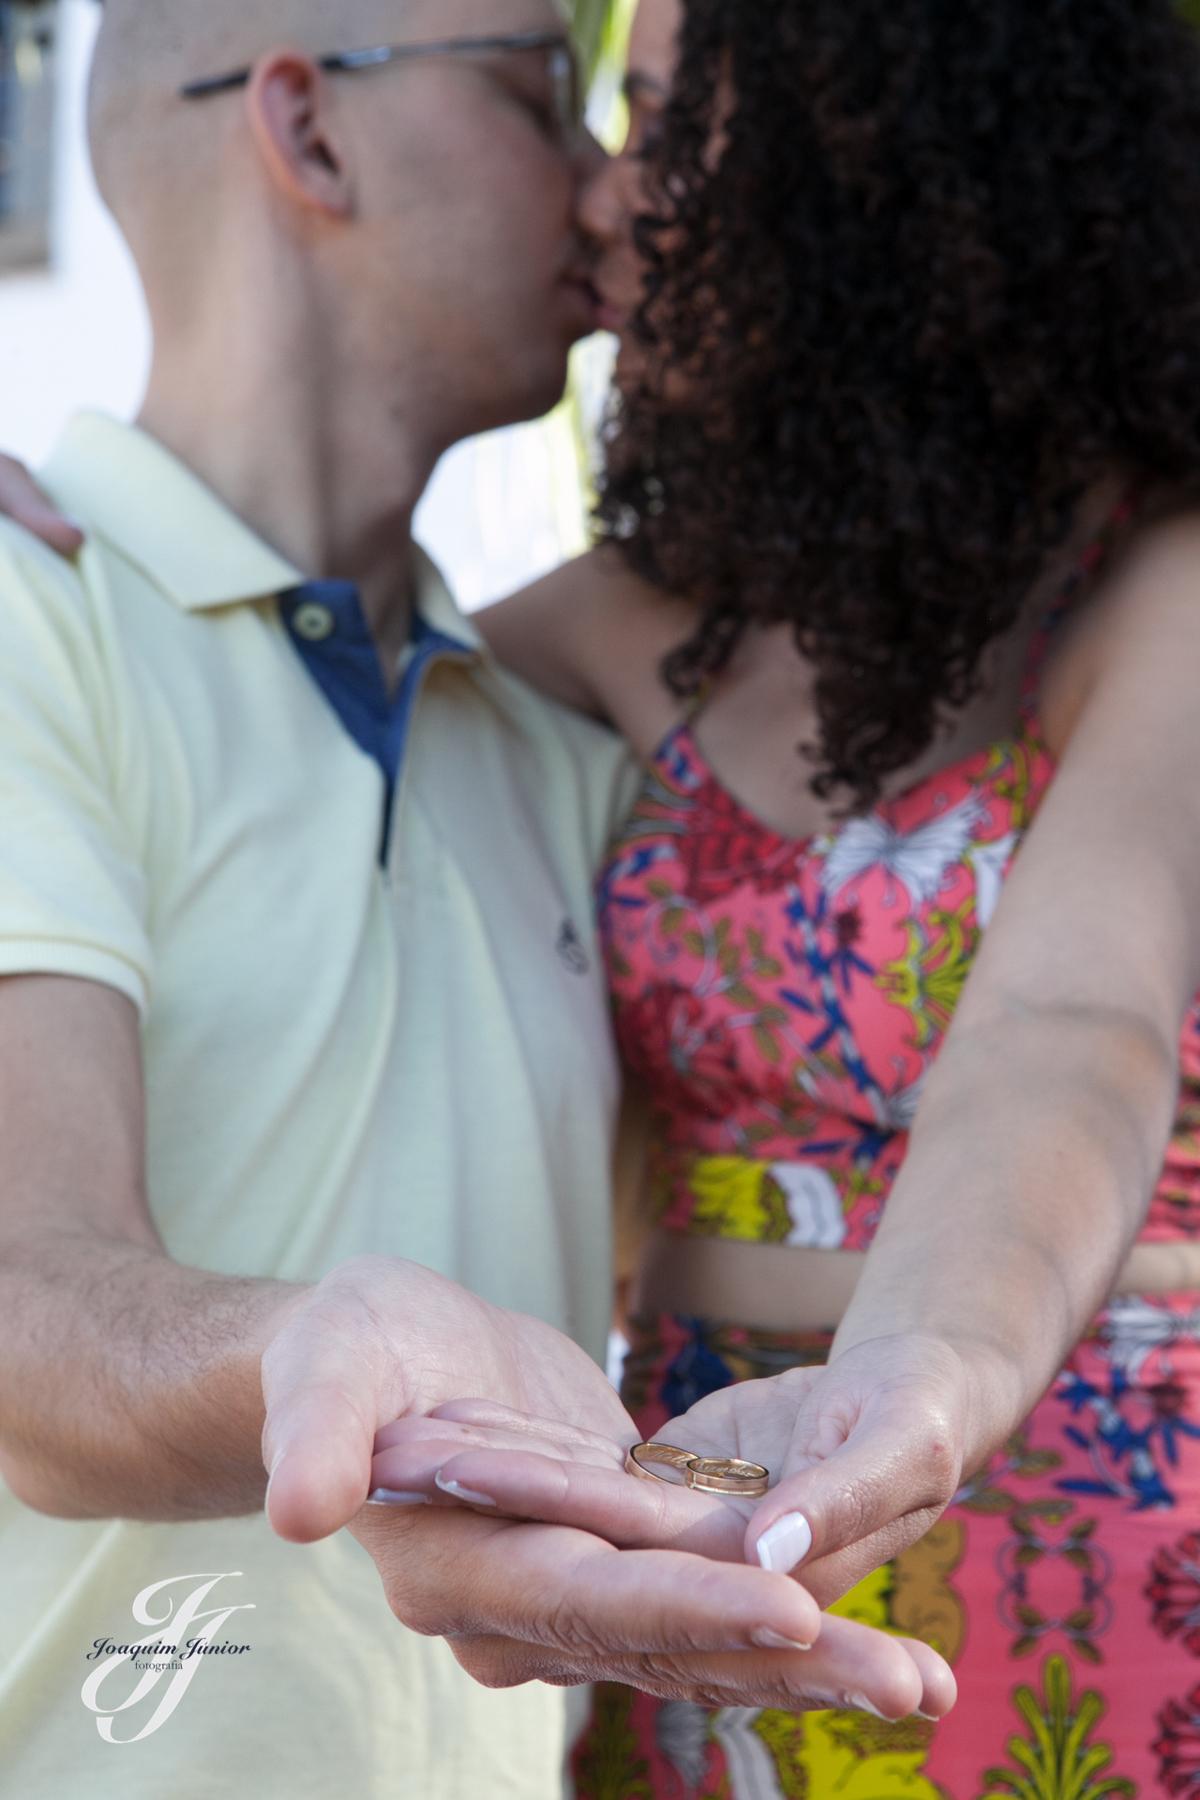 Joaquim Junior, Joaquim Junior Fotografia, Foto Cecílio, Pré Wedding, Pré Casamento, Casamento, Fotografia de Casamento, Casando em BH, Casando em Sabará, Casamentos BH, Casamentos Sabará, Fotos Pré Casamento, Kelly e Leandro, Sabará / MG